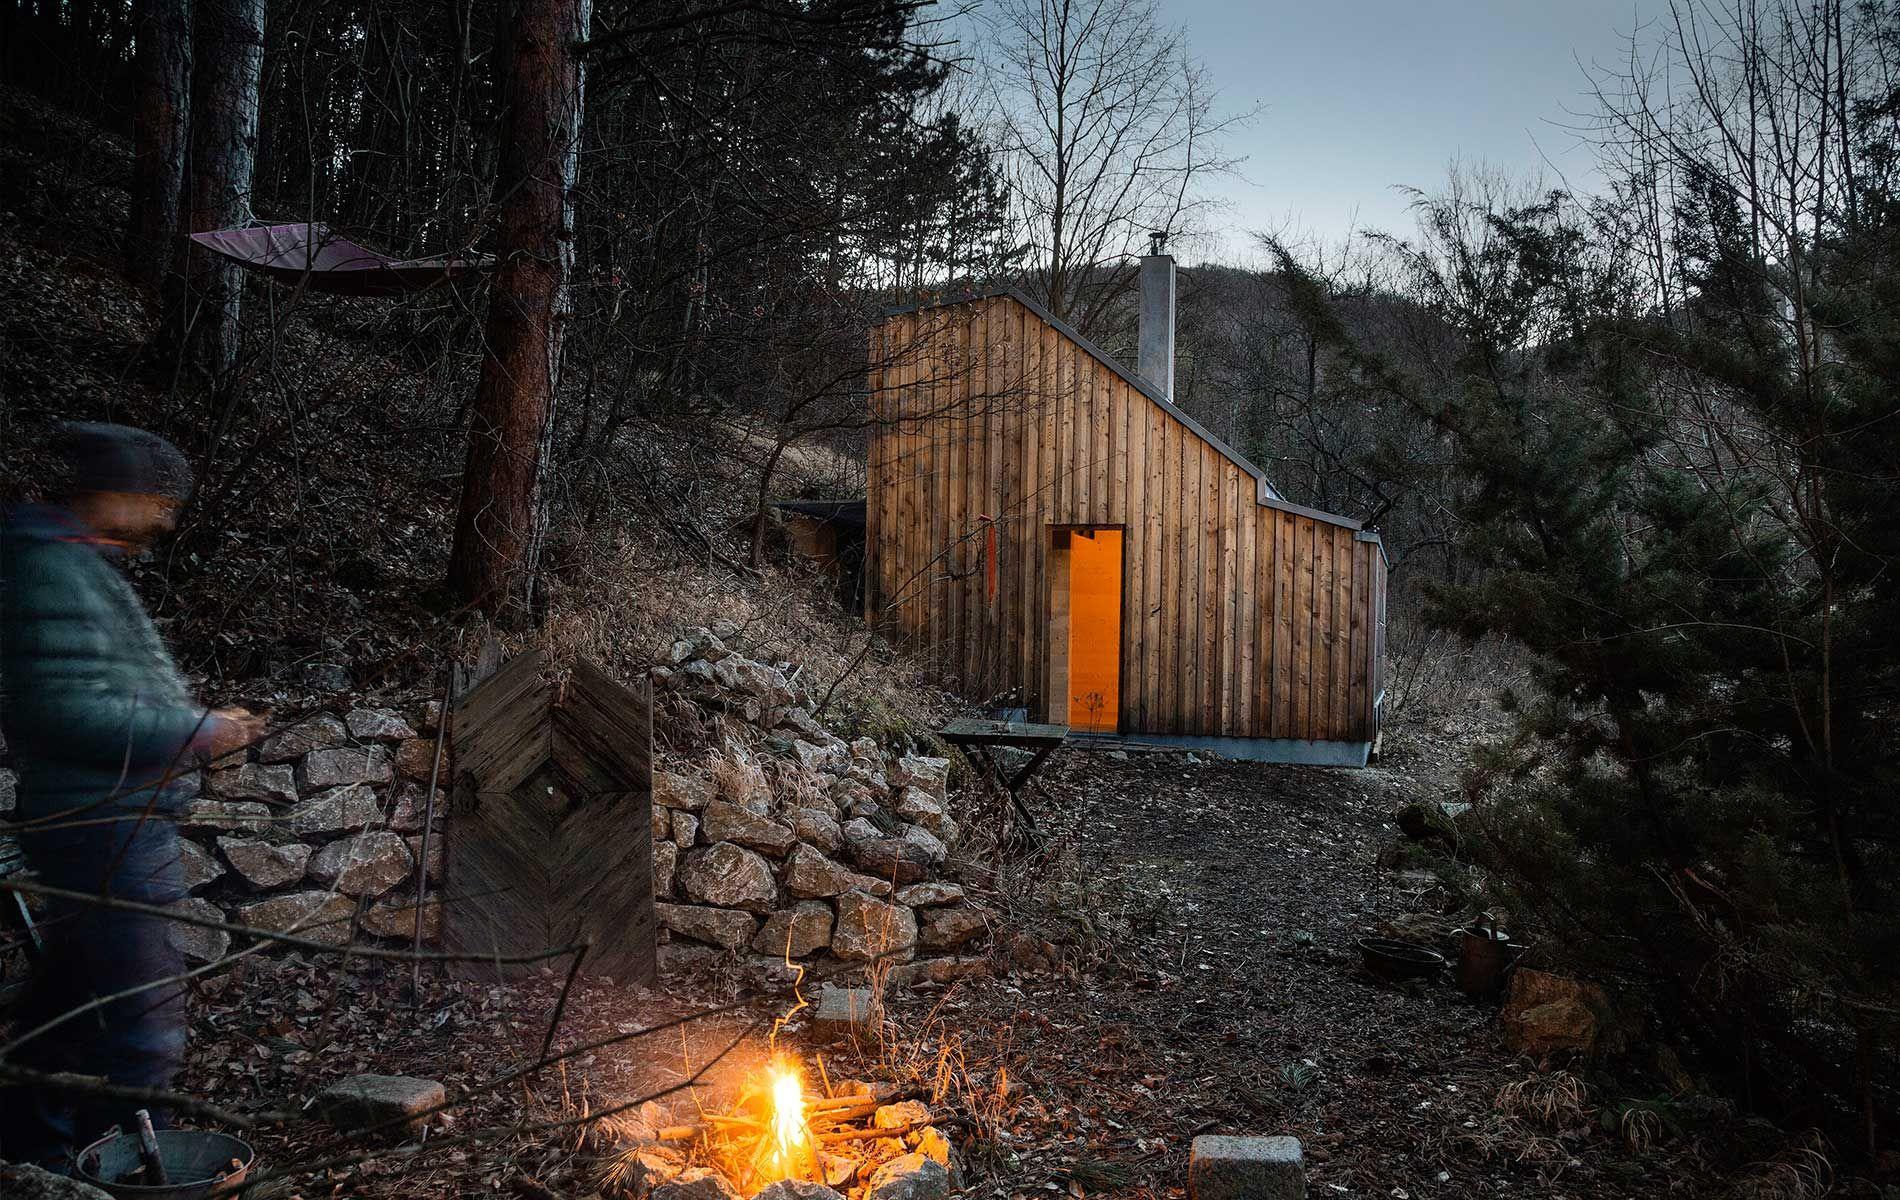 Waldh tte wiener wald holzhaus modern was wir bauen for Wochenendhaus modern bauen